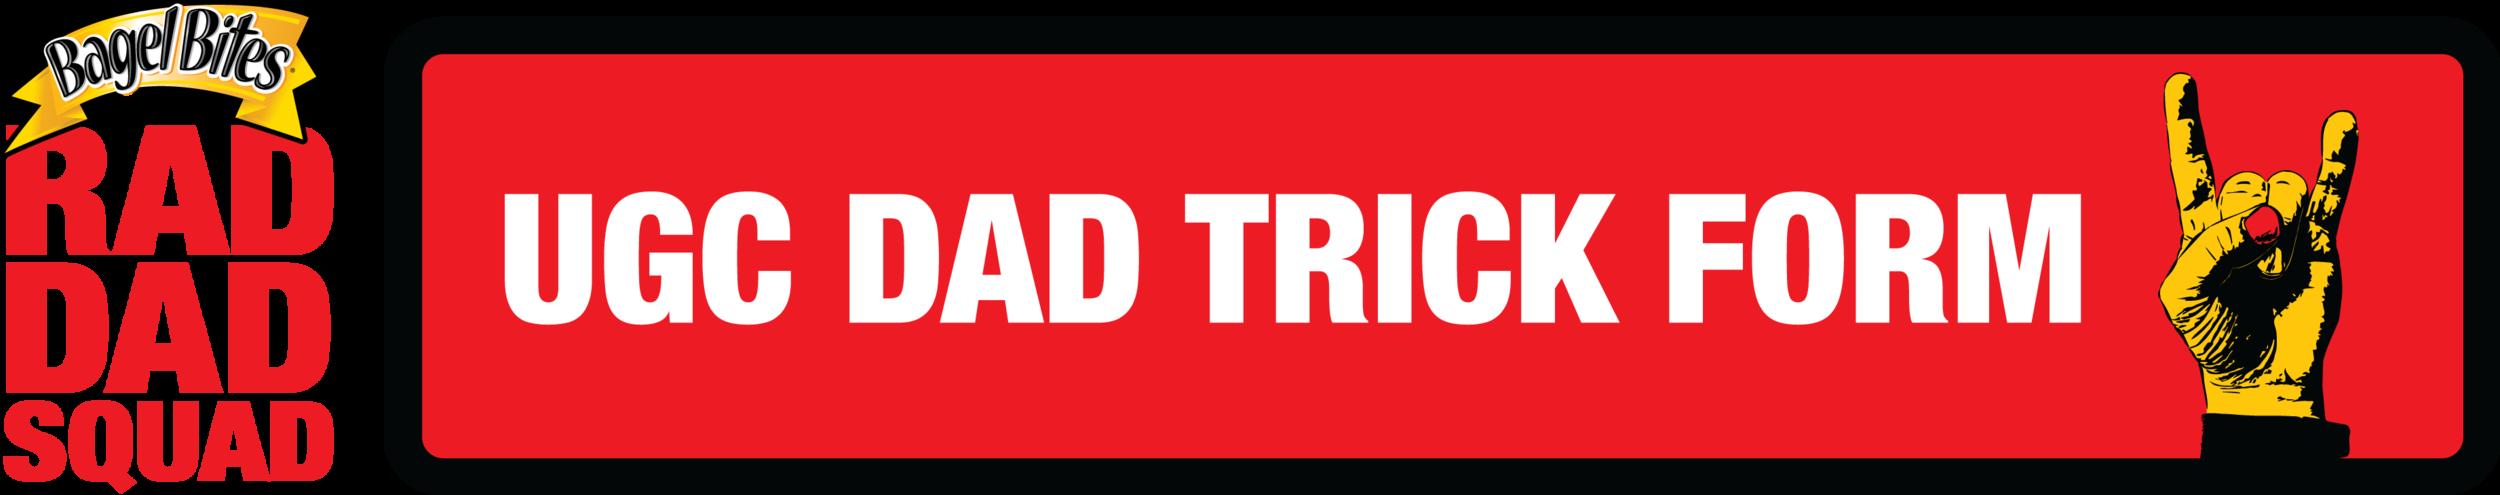 UGC Dad Trick Form_v1.png